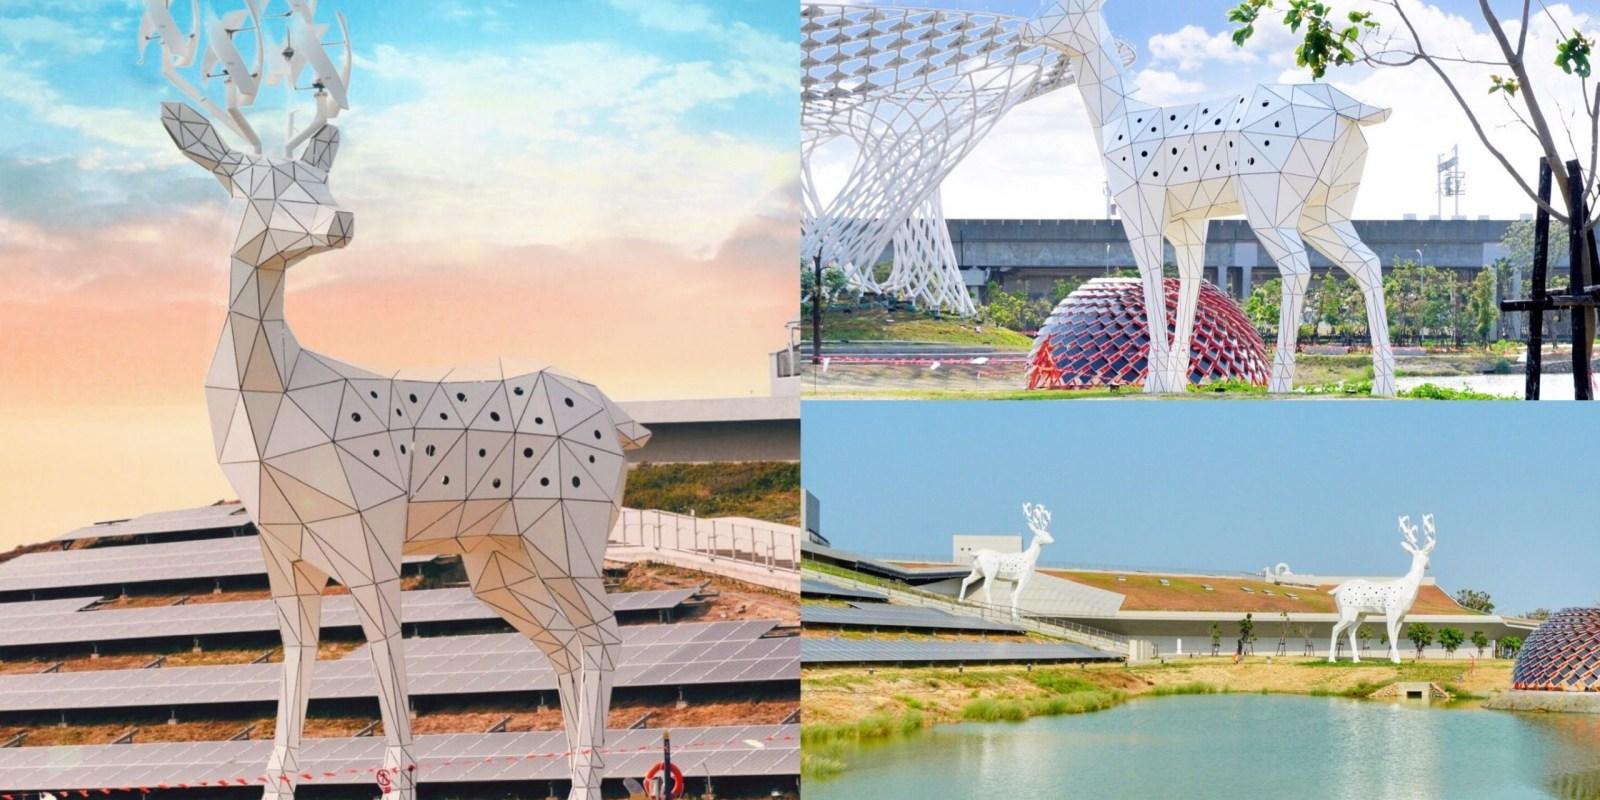 【台南打卡新地標】台南也有巨大純白梅花鹿!高11.8公尺超可愛 七彩太陽能樹越夜越夢幻 入園免門票|台南景點|科技伊甸園